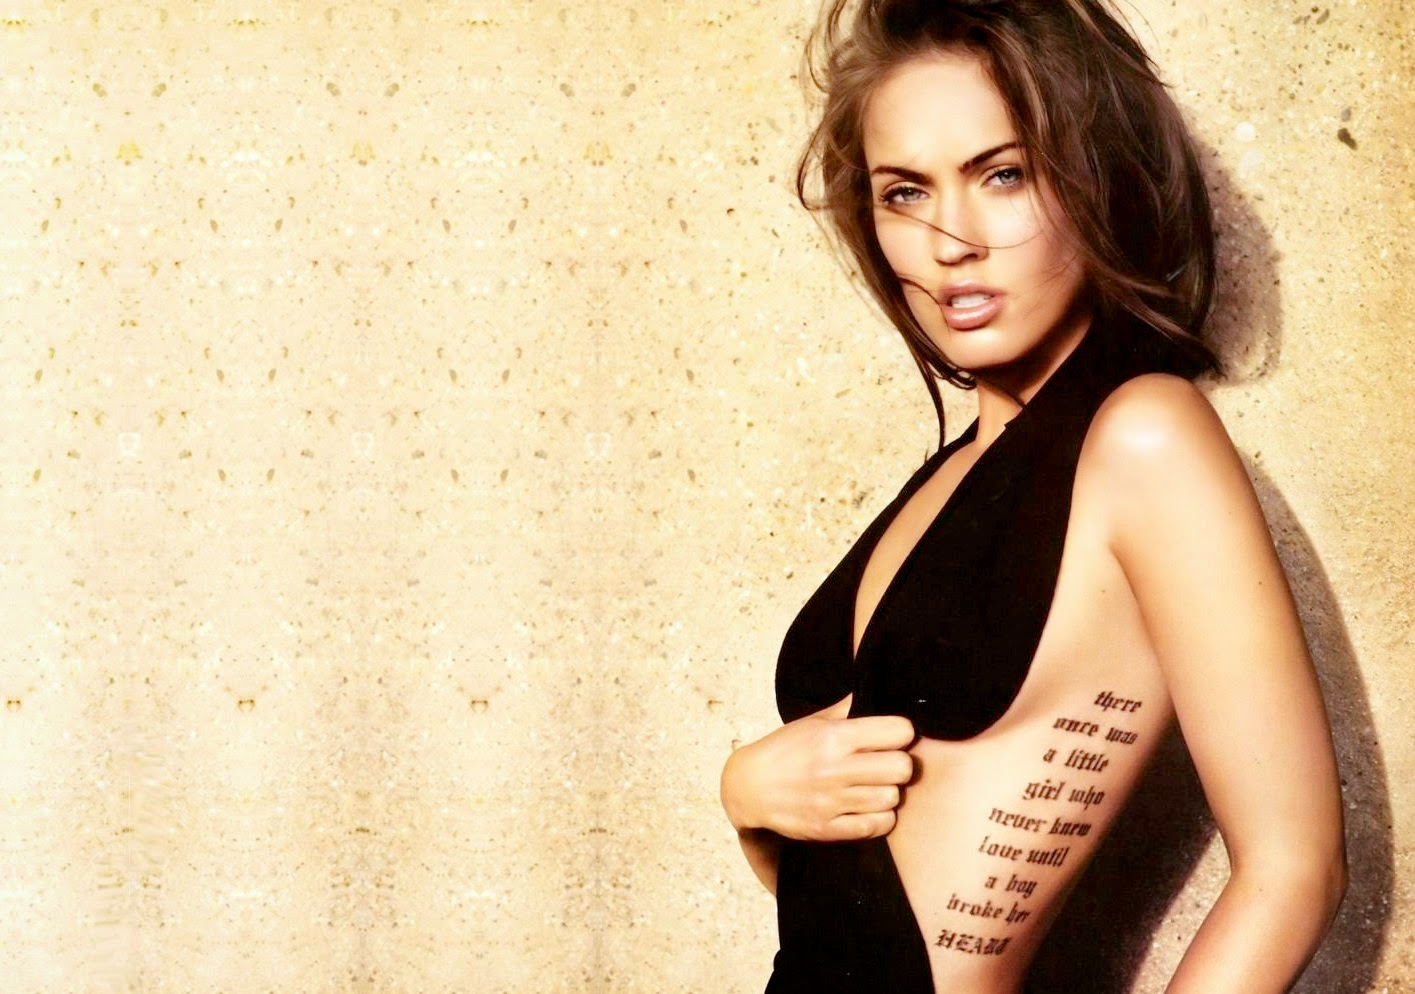 frasi in inglese belle da tatuare - Le frasi per tatuaggi con un significato profondo e personale